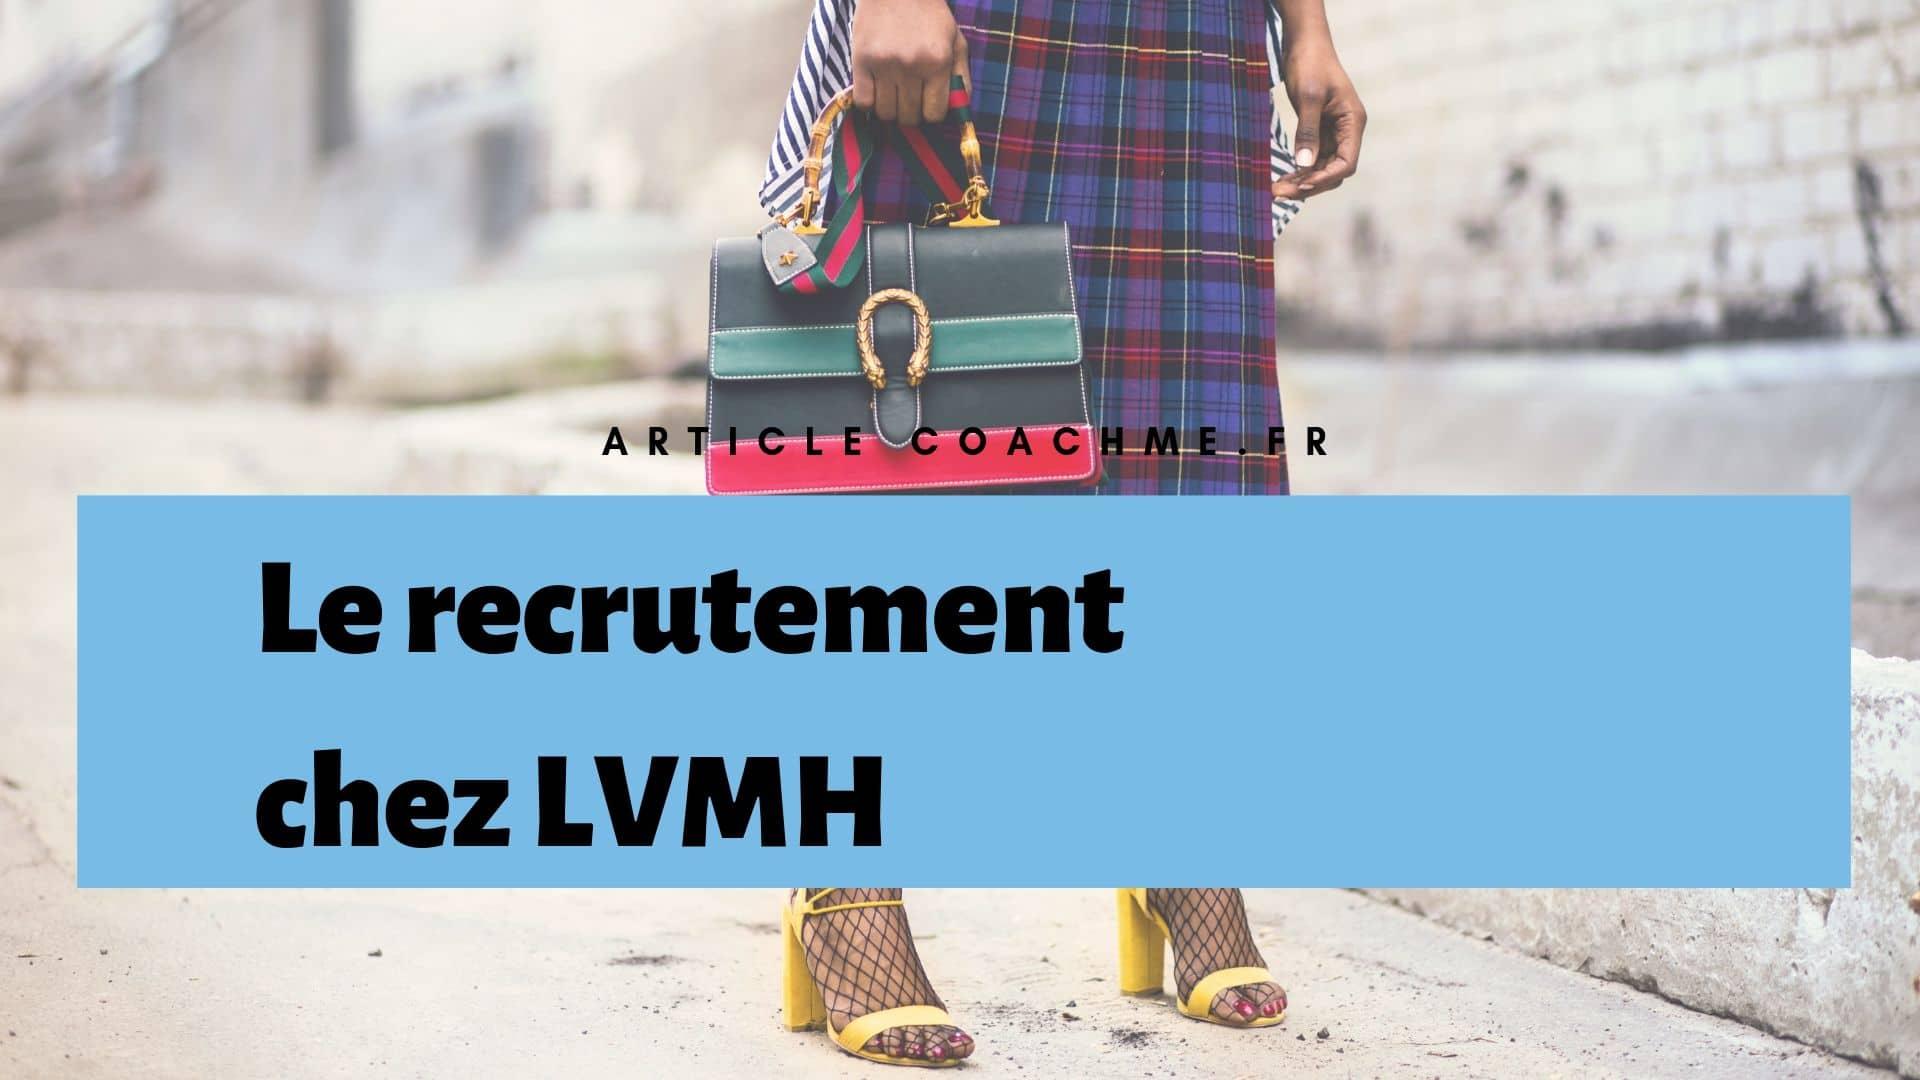 7 Informations Sur La Politique De Recrutement Chez Lvmh